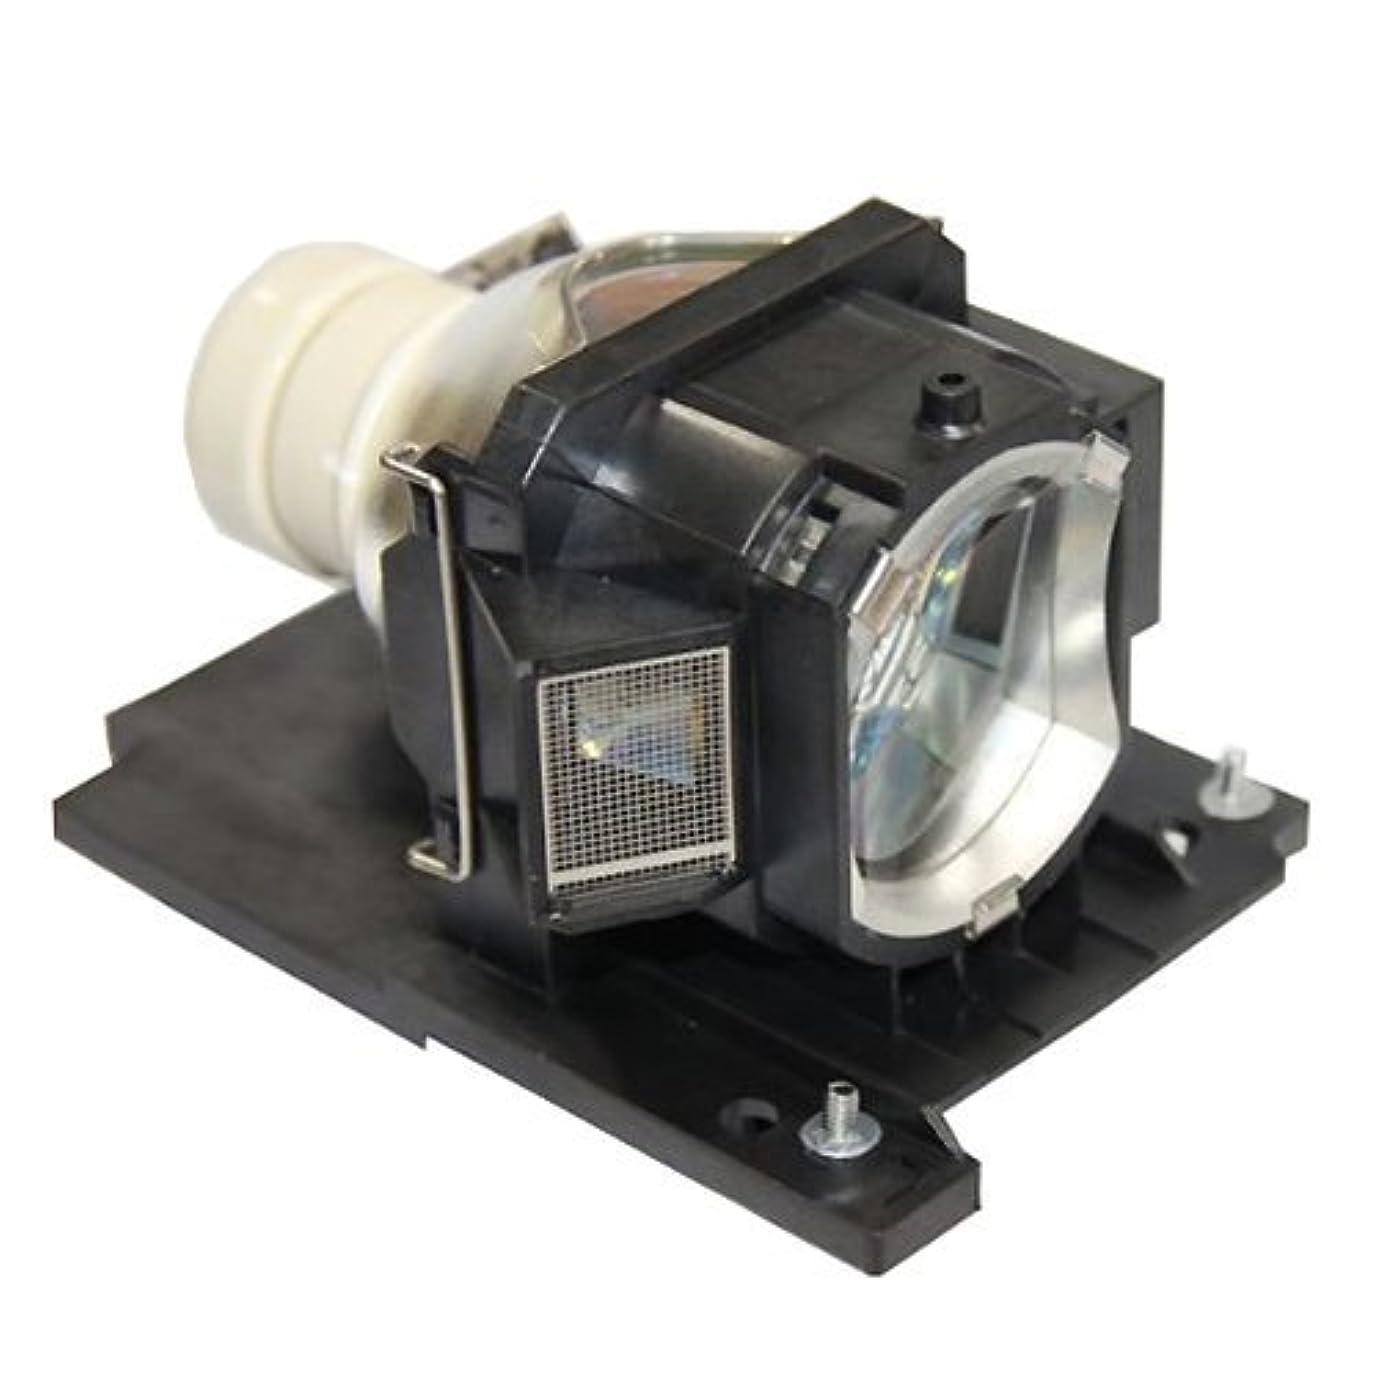 活性化大統領あいまいなPowerwarehouse Hitachi CP-X2015WN Projector Lamp replacement by Powerwarehouse - Premium Powerwarehouse Replacement Lamp [並行輸入品]